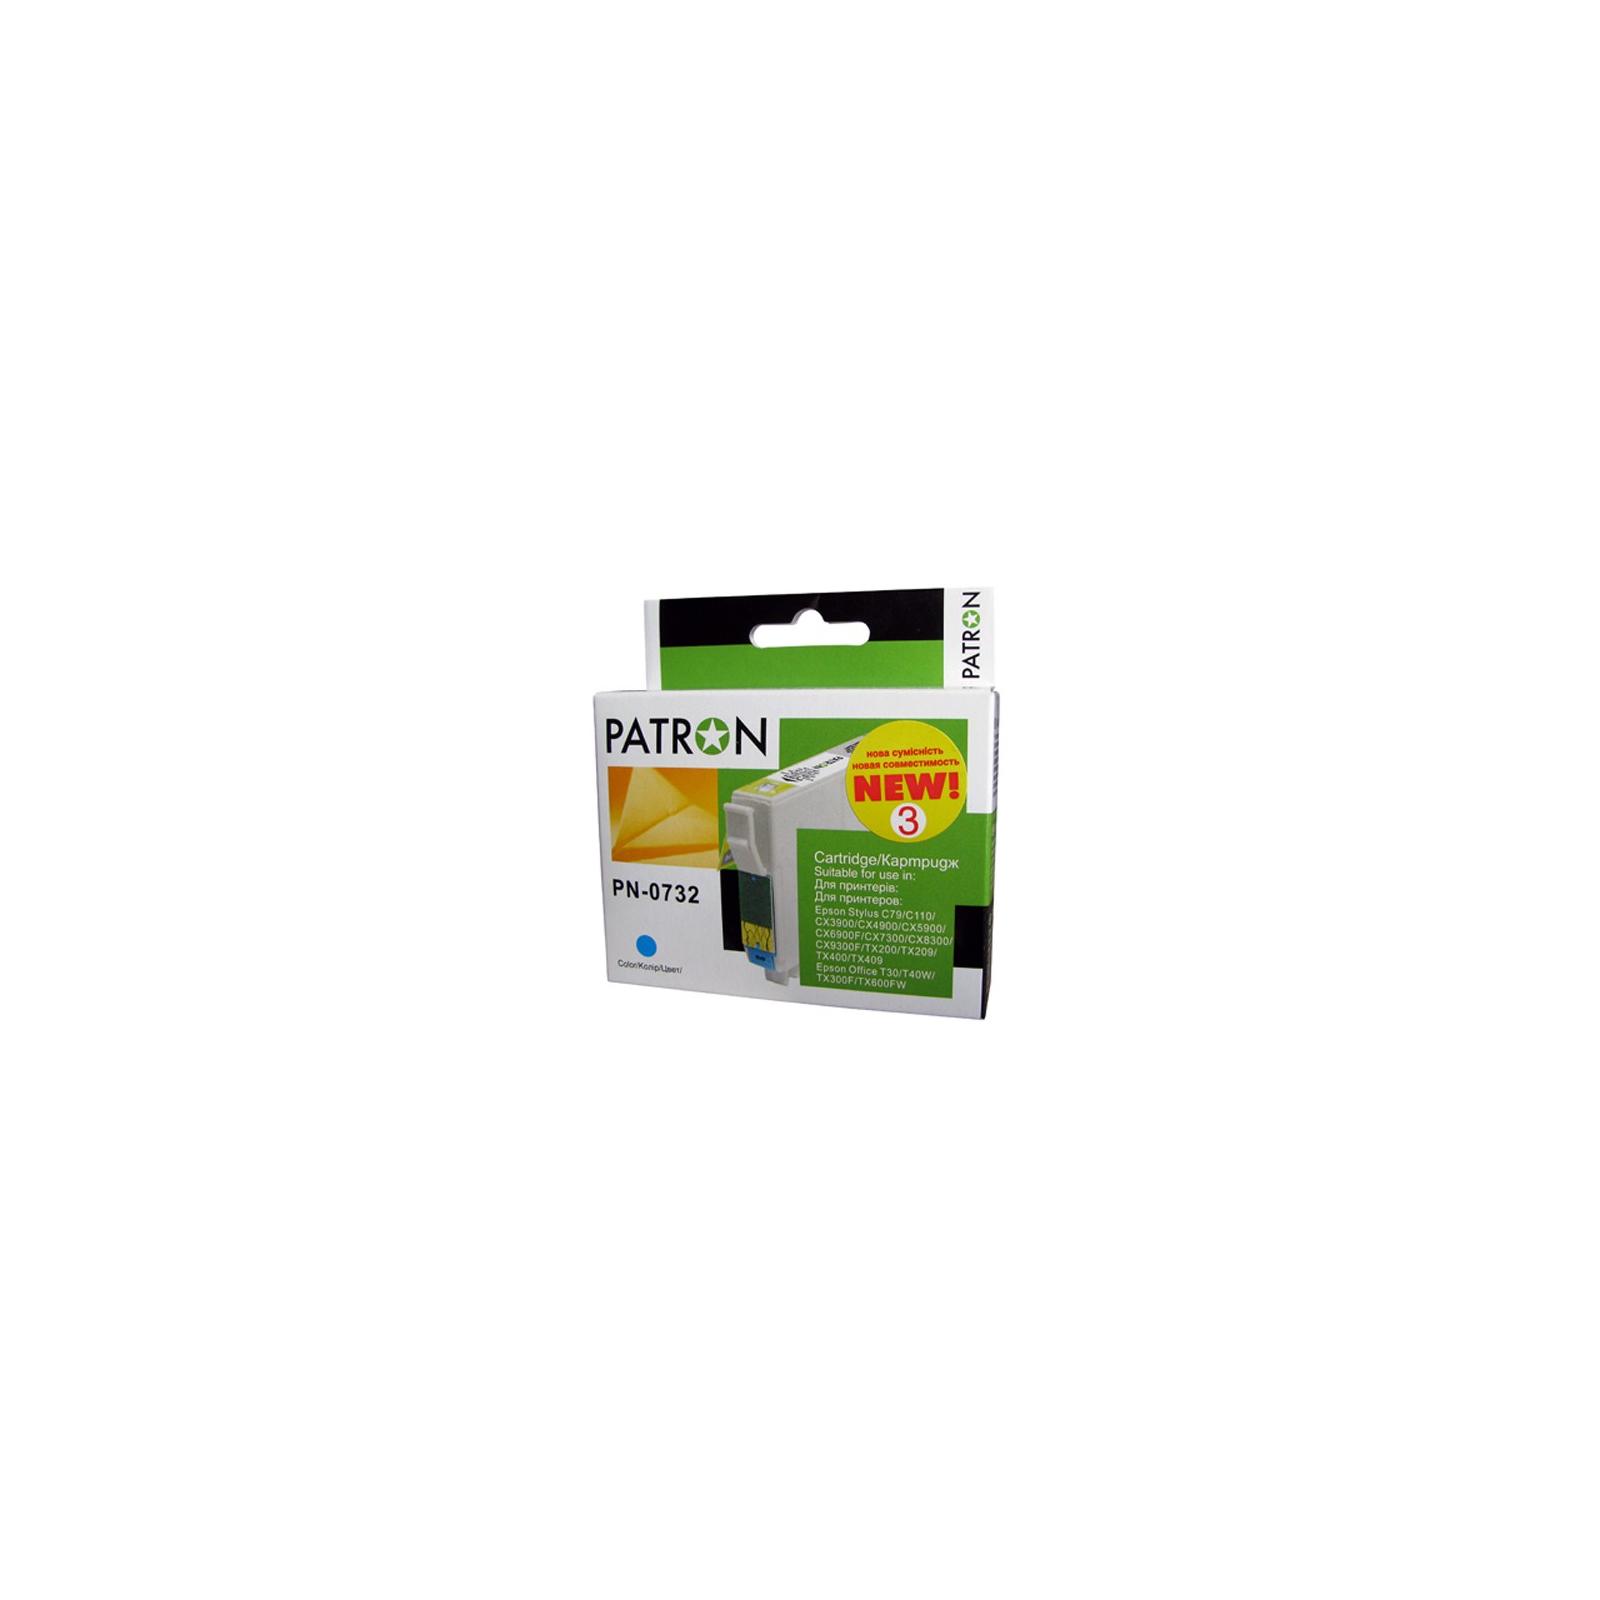 Картридж PATRON для EPSON C79/C110/TX200 cyan (CI-EPS-T07324-C3-PN)